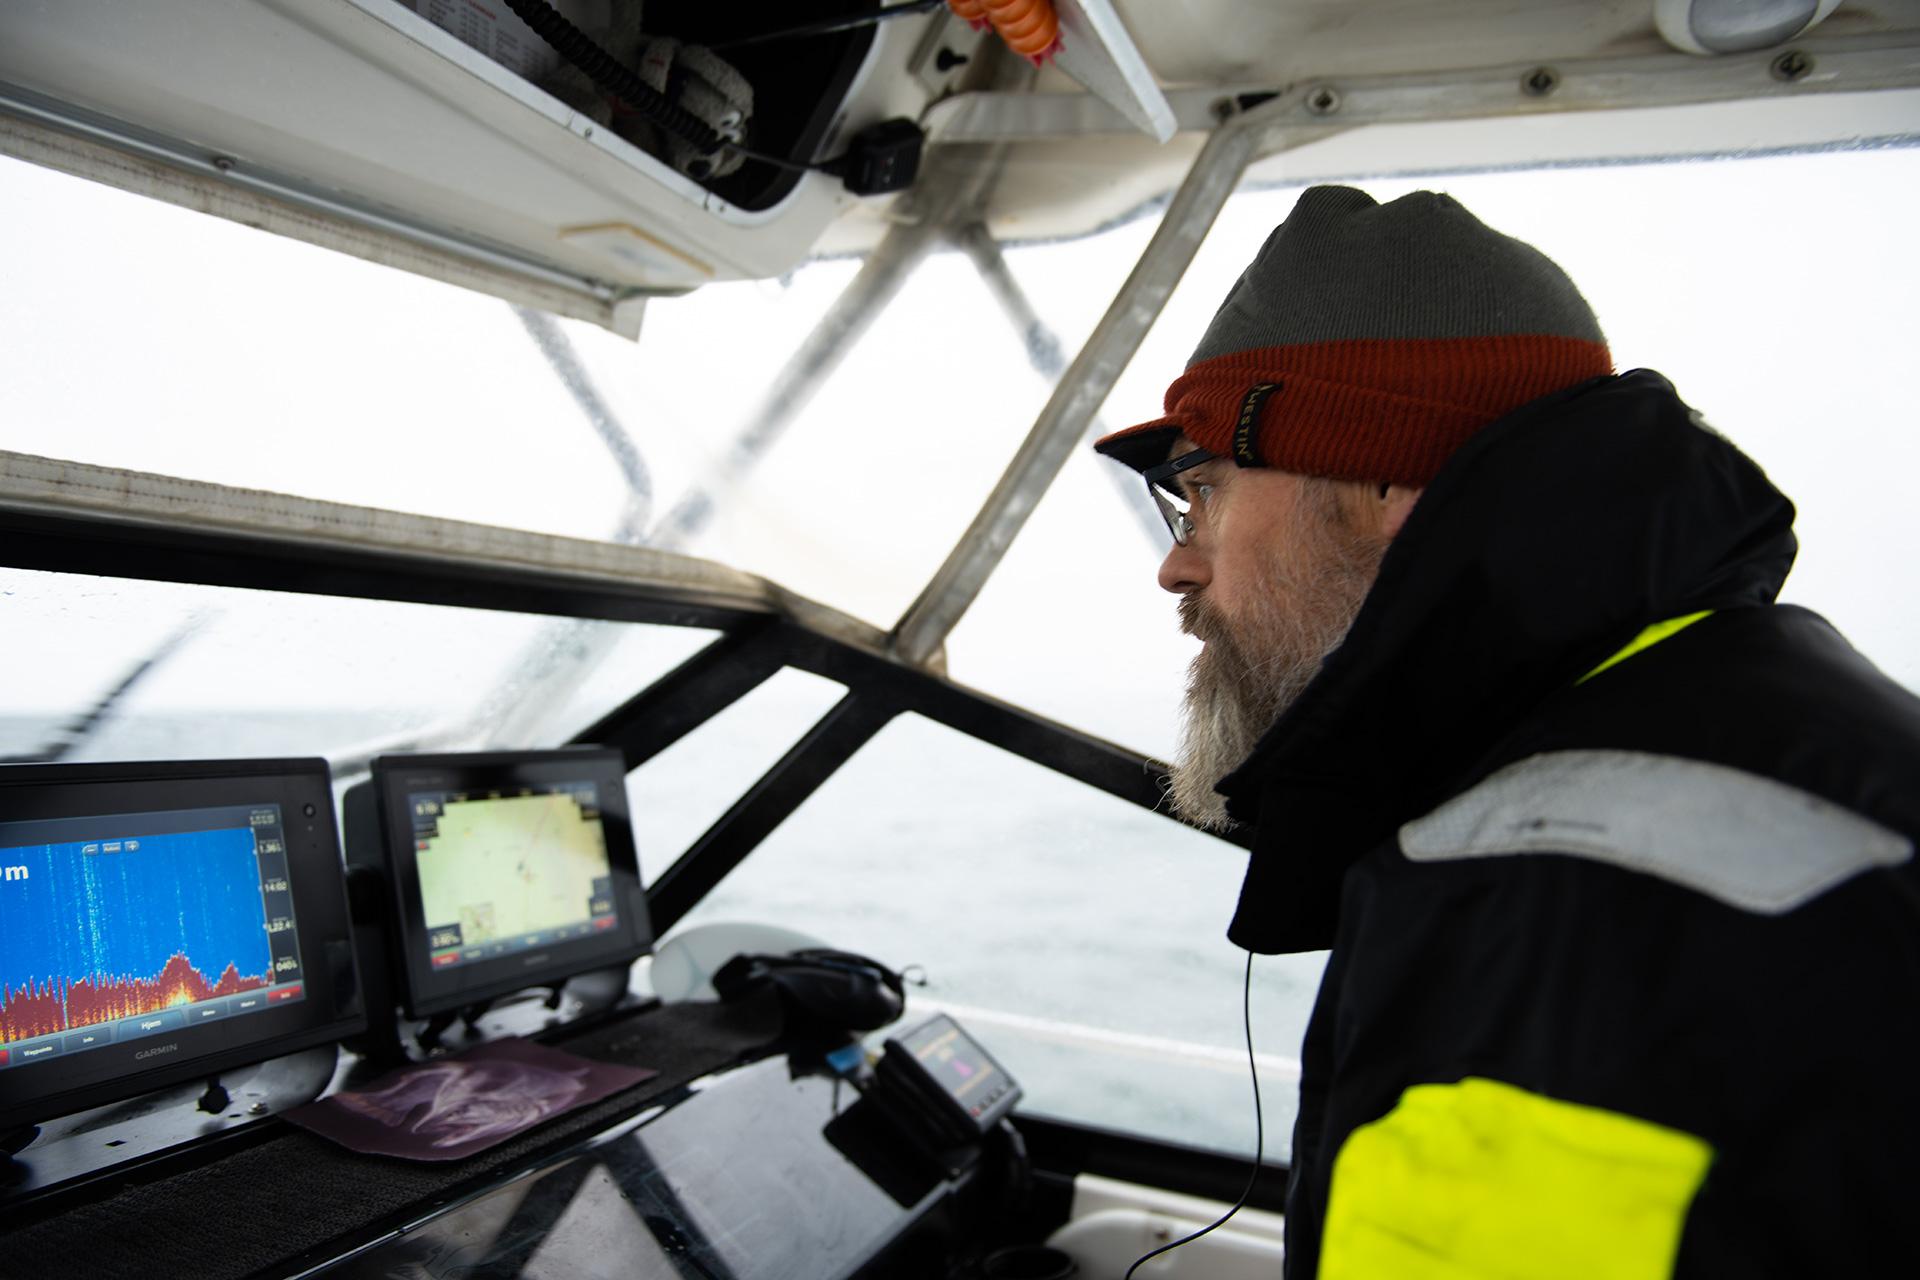 Kontakt Svenstrup Sportfishing